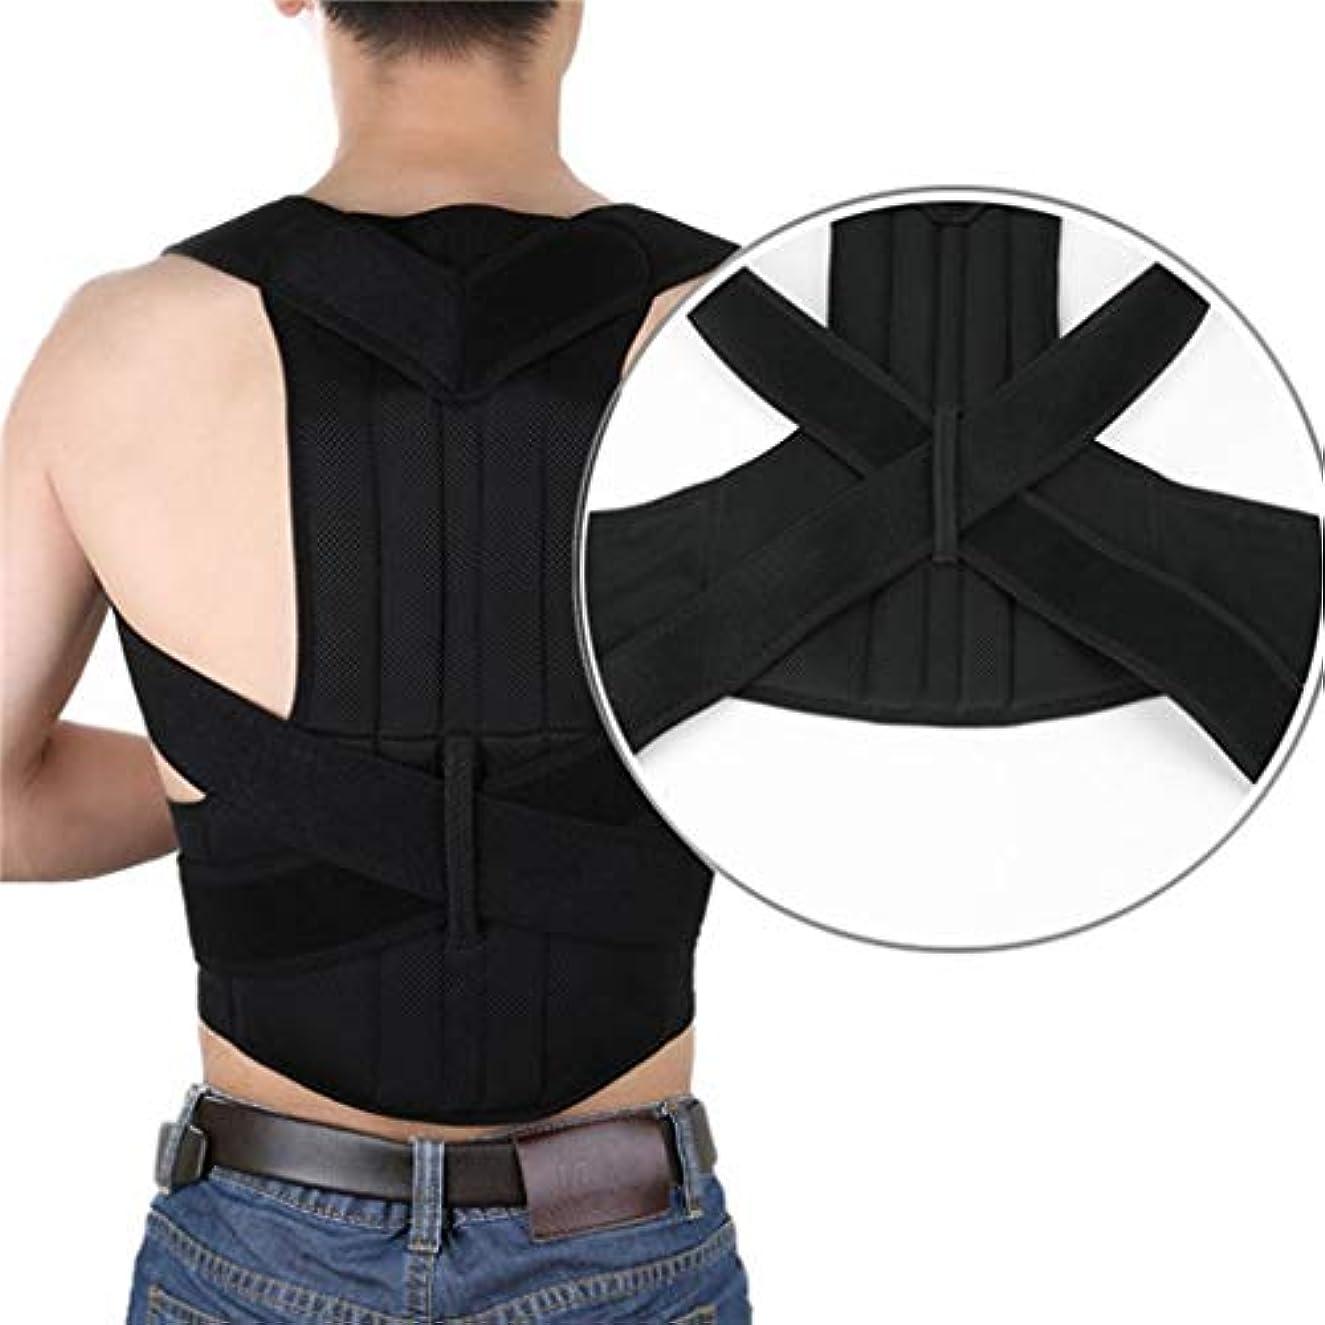 削減良い物理的に背部サポート姿勢の装具 - 鋼板の背部訂正ベルトが付いている反こぶの背部のため